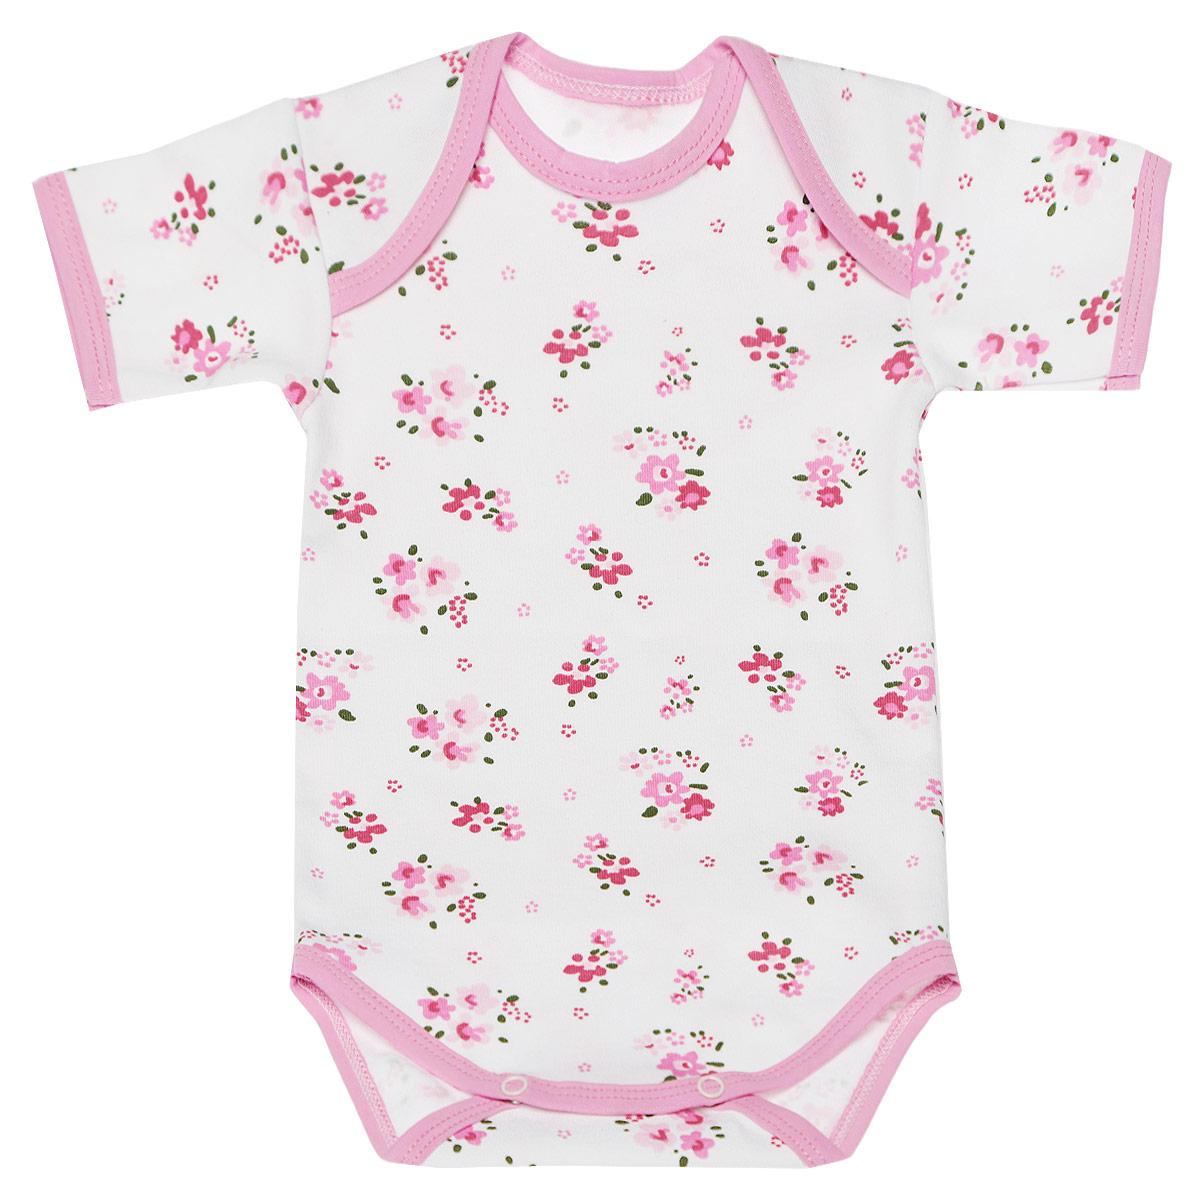 Боди-футболка для девочки Трон-плюс, цвет: белый, розовый. 5873_цветы. Размер 68, 6 месяцев5873_цветыУдобное боди-футболка для девочки Трон-плюс послужит идеальным дополнением к гардеробу вашей малышки, обеспечивая ей наибольший комфорт. Боди с короткими рукавами и круглым вырезом горловины изготовлено из интерлока -натурального хлопка, благодаря чему оно необычайно мягкое и легкое, не раздражает нежную кожу ребенка и хорошо вентилируется, а эластичные швы приятны телу младенца и не препятствуют его движениям. Удобные запахи на плечах и кнопки на ластовице помогают легко переодеть ребенка или сменить подгузник. Вырез горловины, запахи, низ рукавов и ластовица дополнены контрастной бейкой. Оформлена модель цветочным принтом. Боди полностью соответствует особенностям жизни ребенка в ранний период, не стесняя и не ограничивая его в движениях. В нем ваша малышка всегда будет в центре внимания.